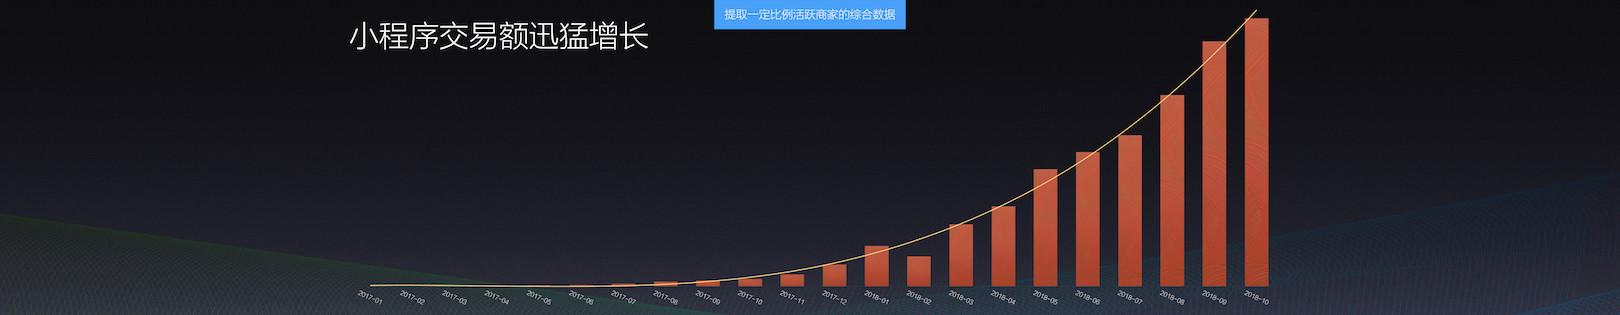 20181127 有赞六周年 - 公开版.006.jpeg